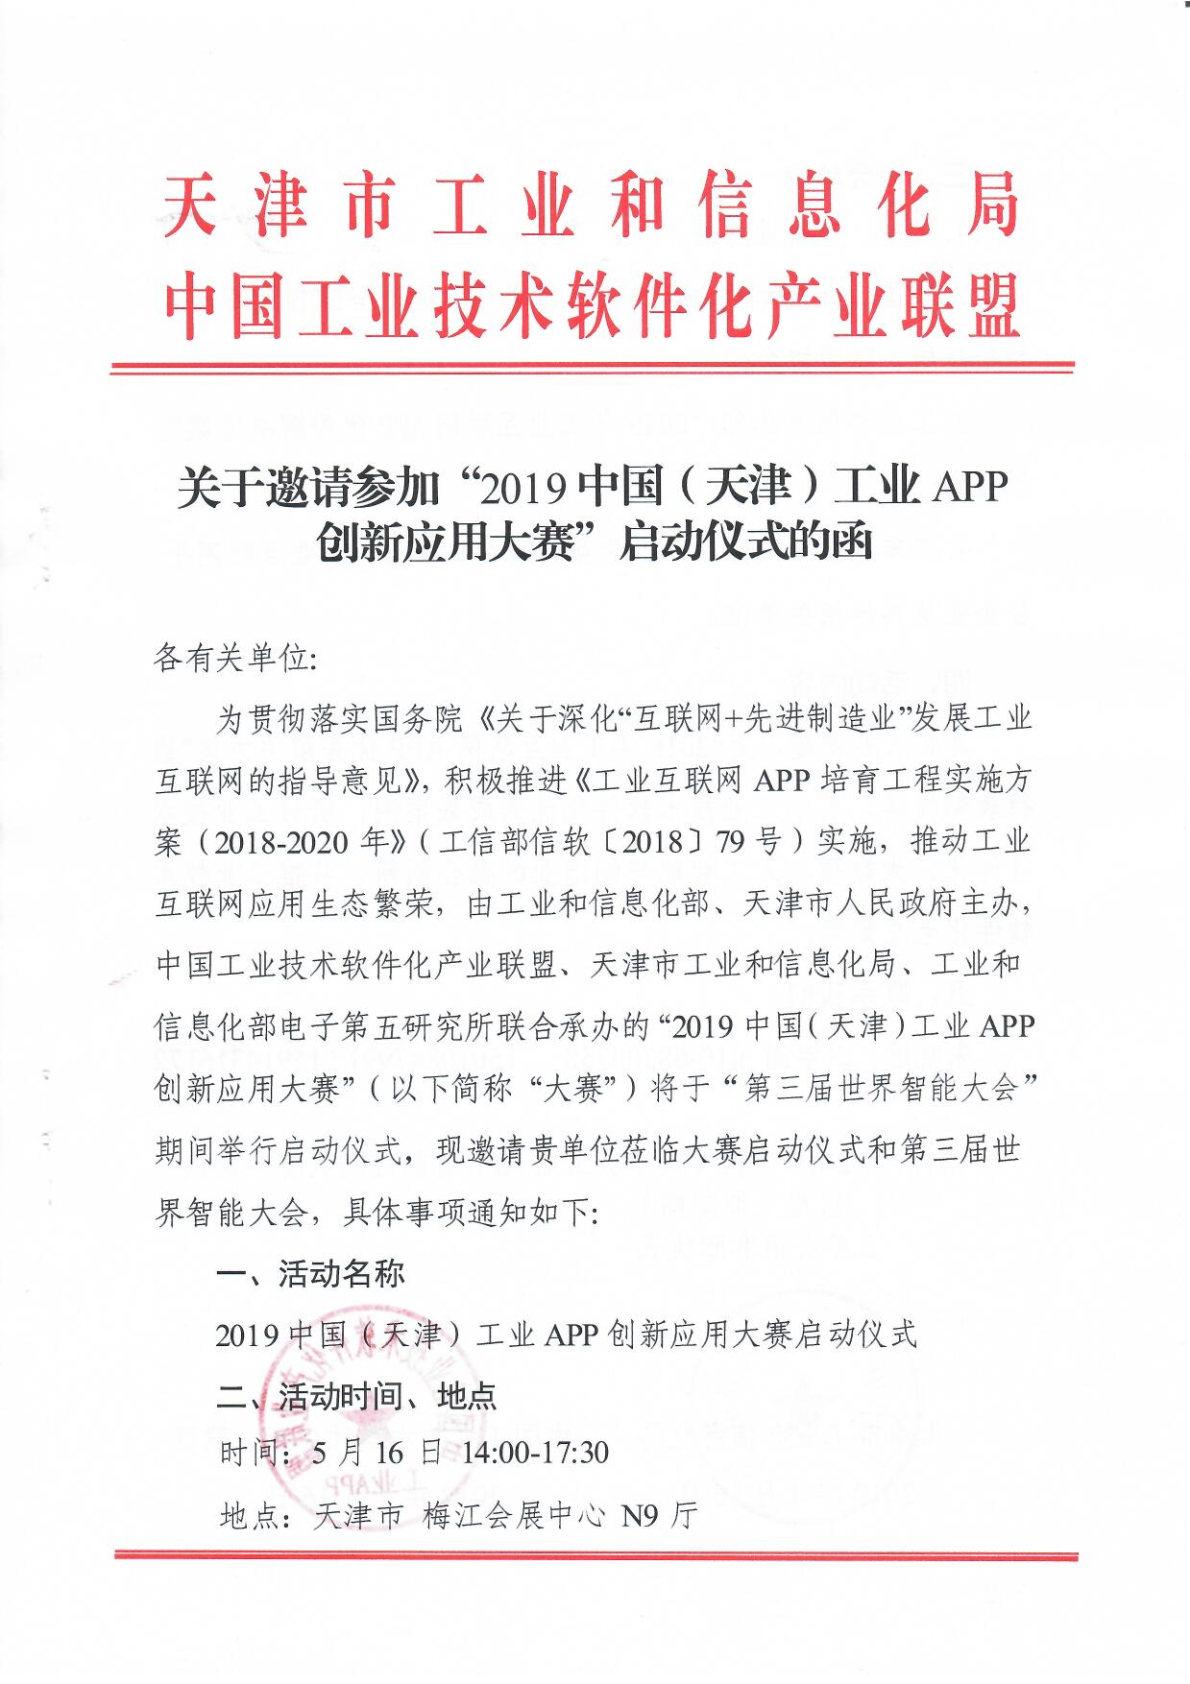 工业APP创新应用大赛启动仪式邀请函_Page1